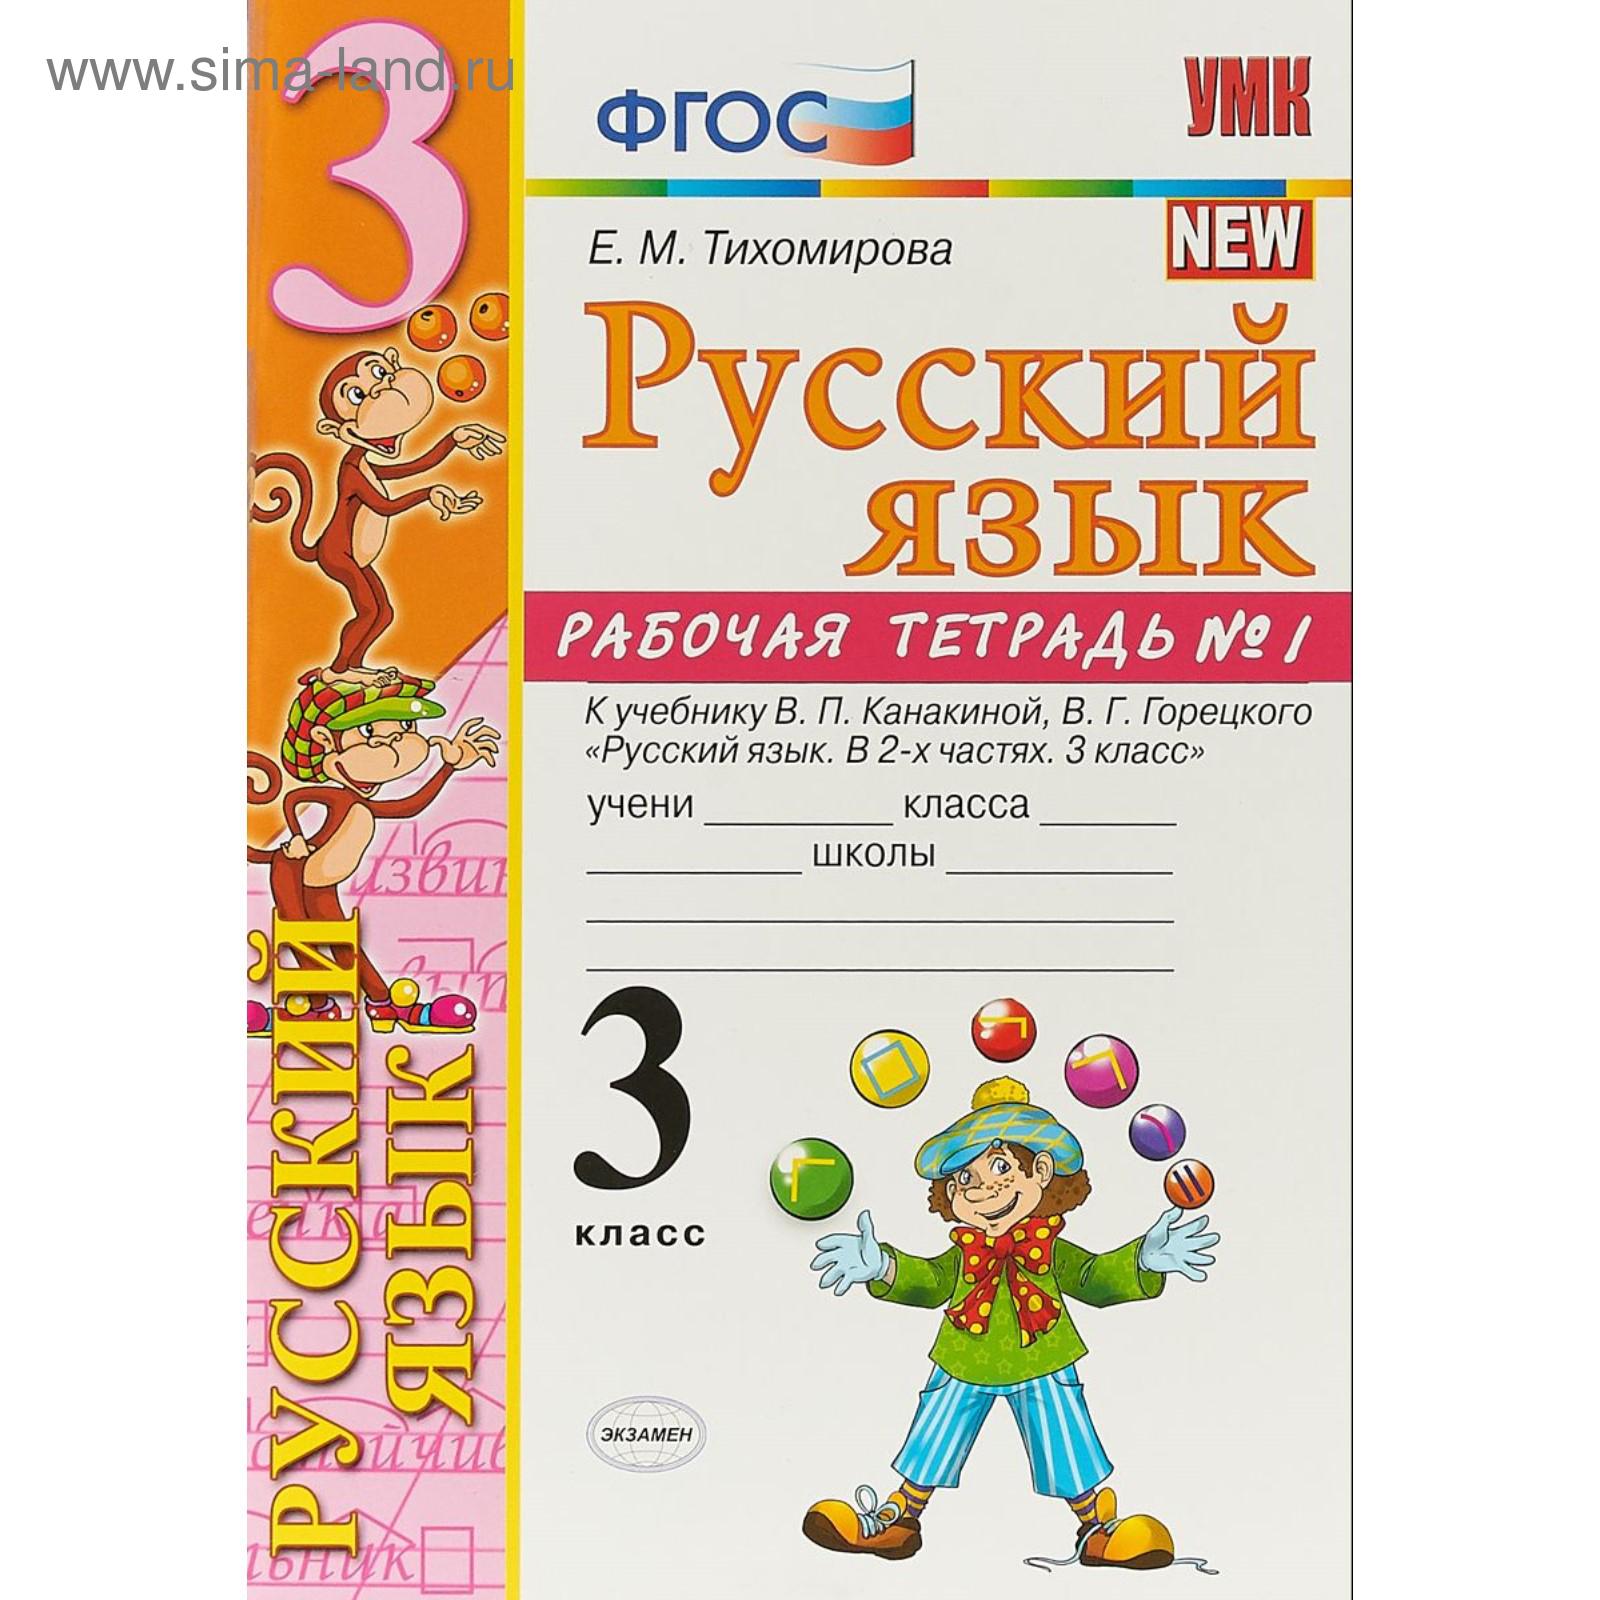 рабочая тетрадь по русскому языку 3 класс тихомирова ответы